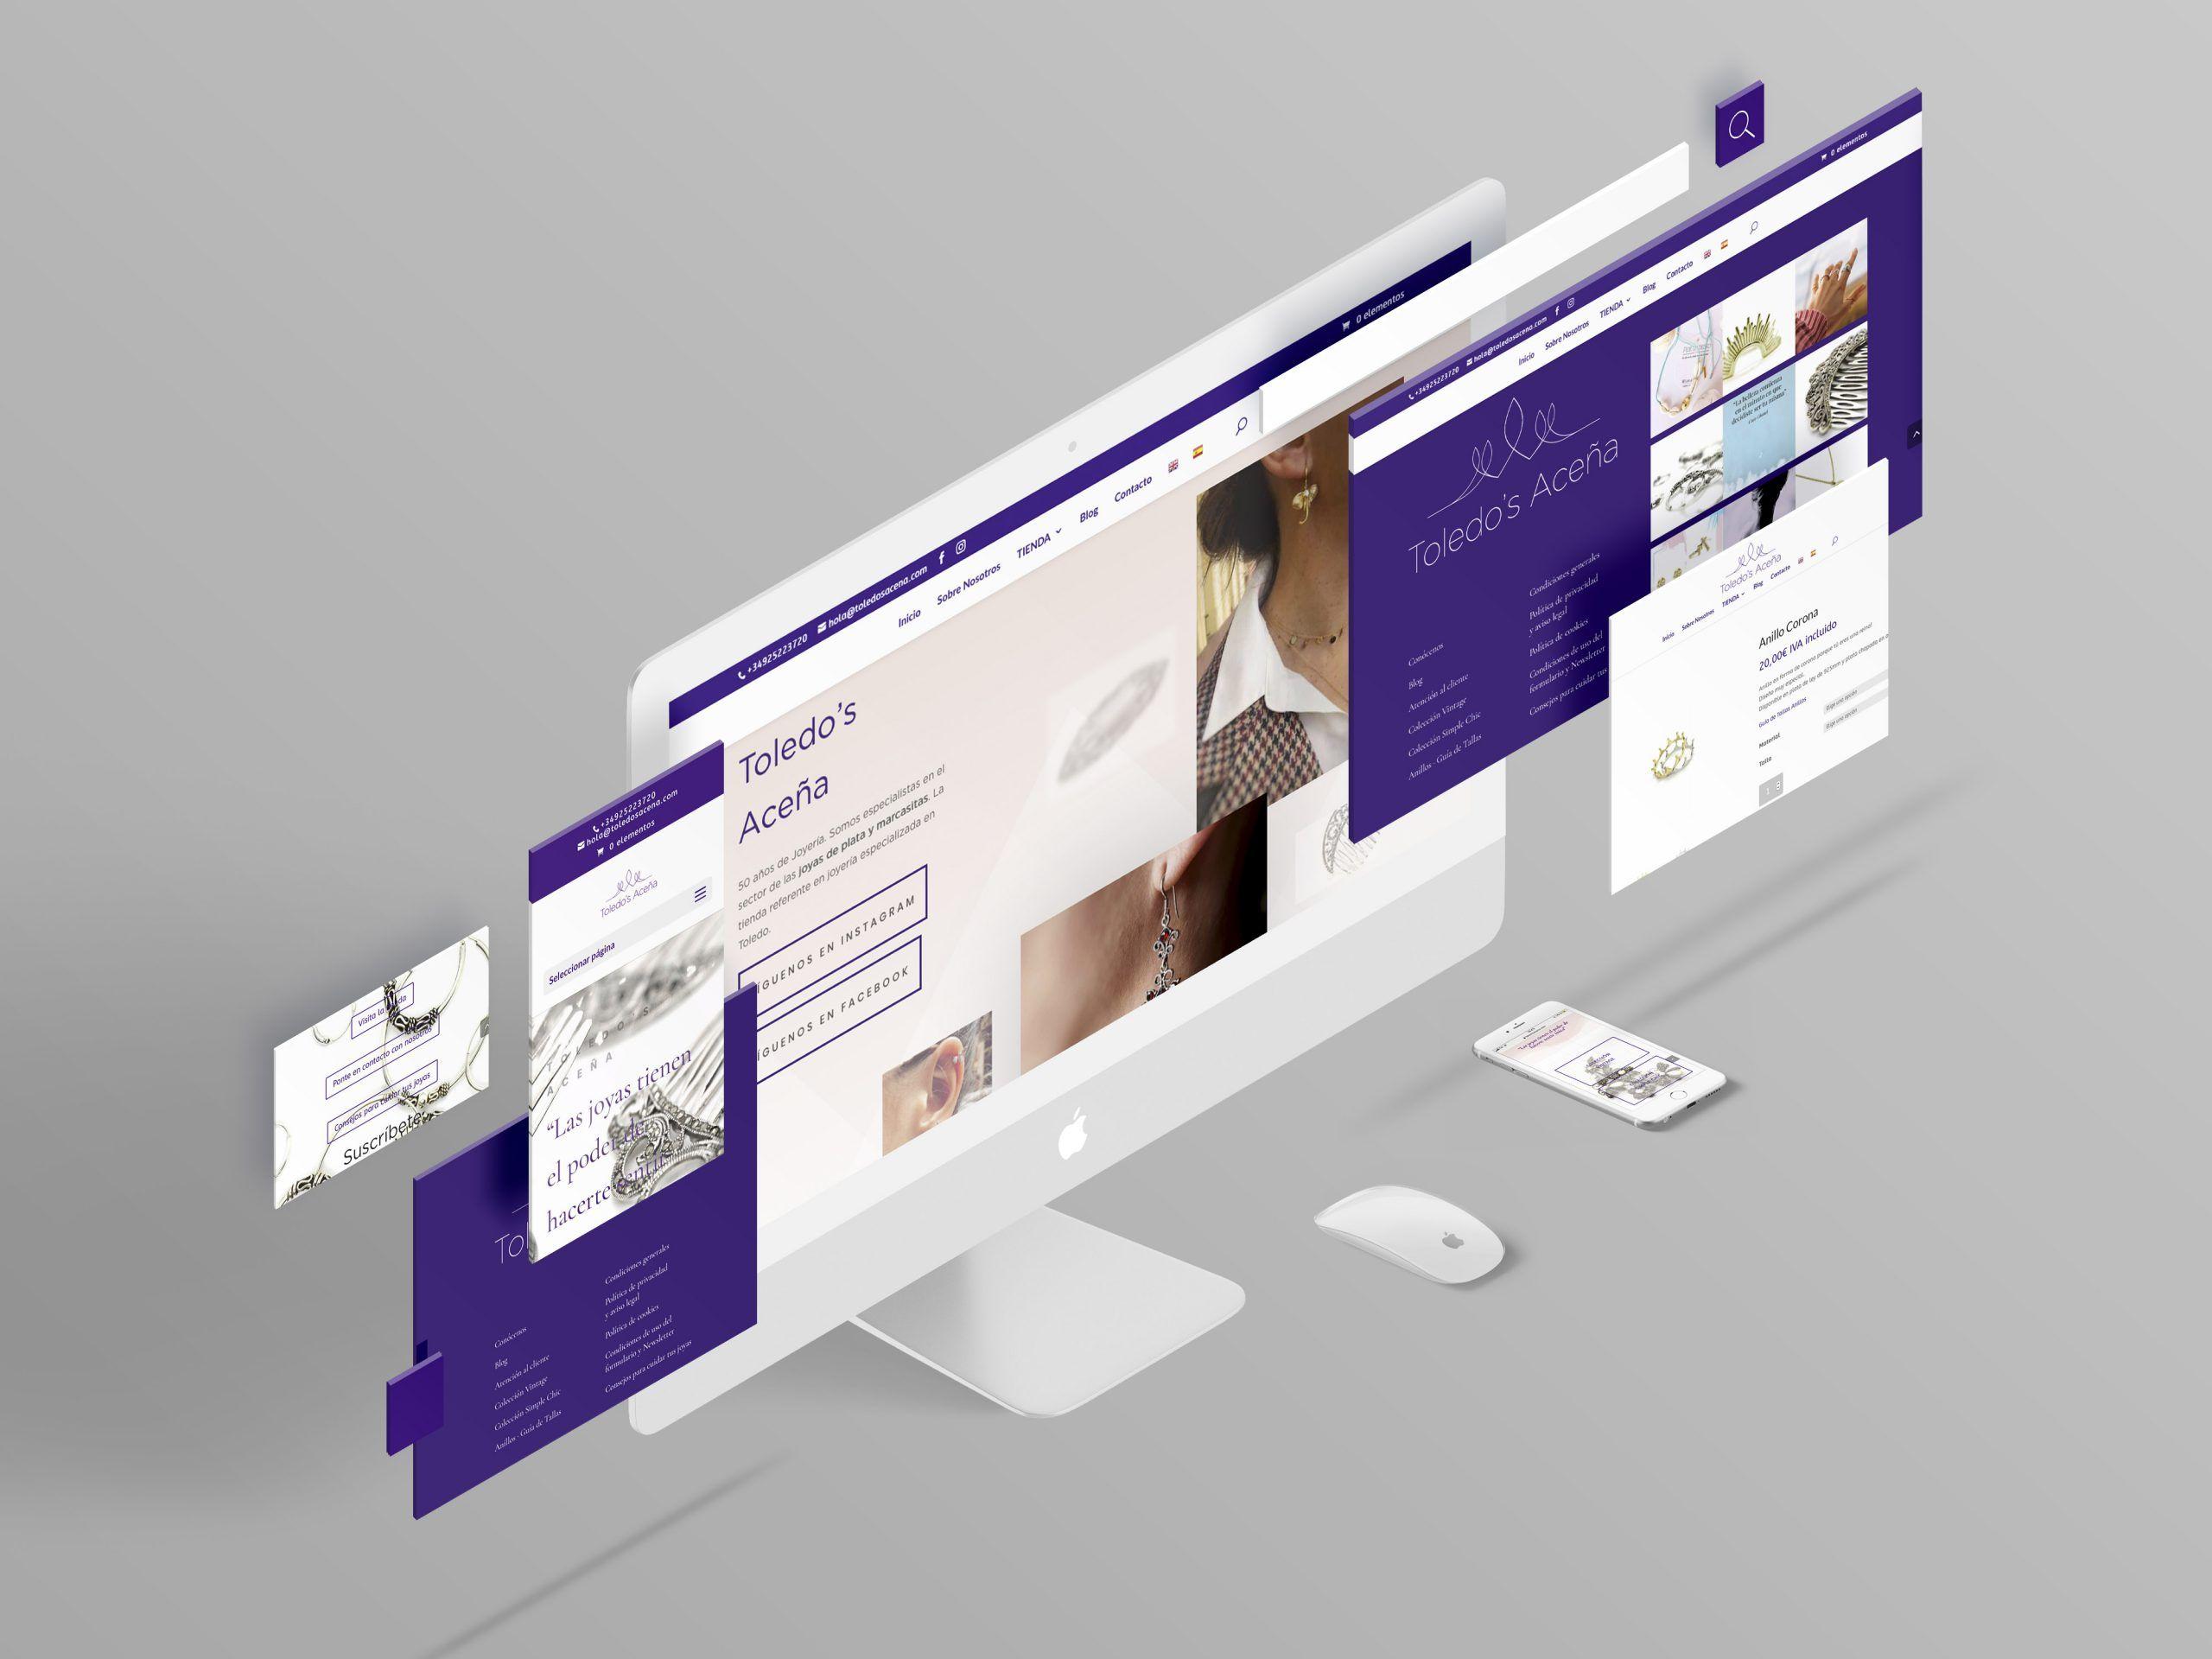 El estudio verde, diseño de páginas web, diseño de tienda online, tienda online, diseño gráfico, fotografía de producto, fotógrafos de producto, packaging, toledo, diseño gráfico en toledo, diseño gráfico, desarrollo web, diseño web, fotografía